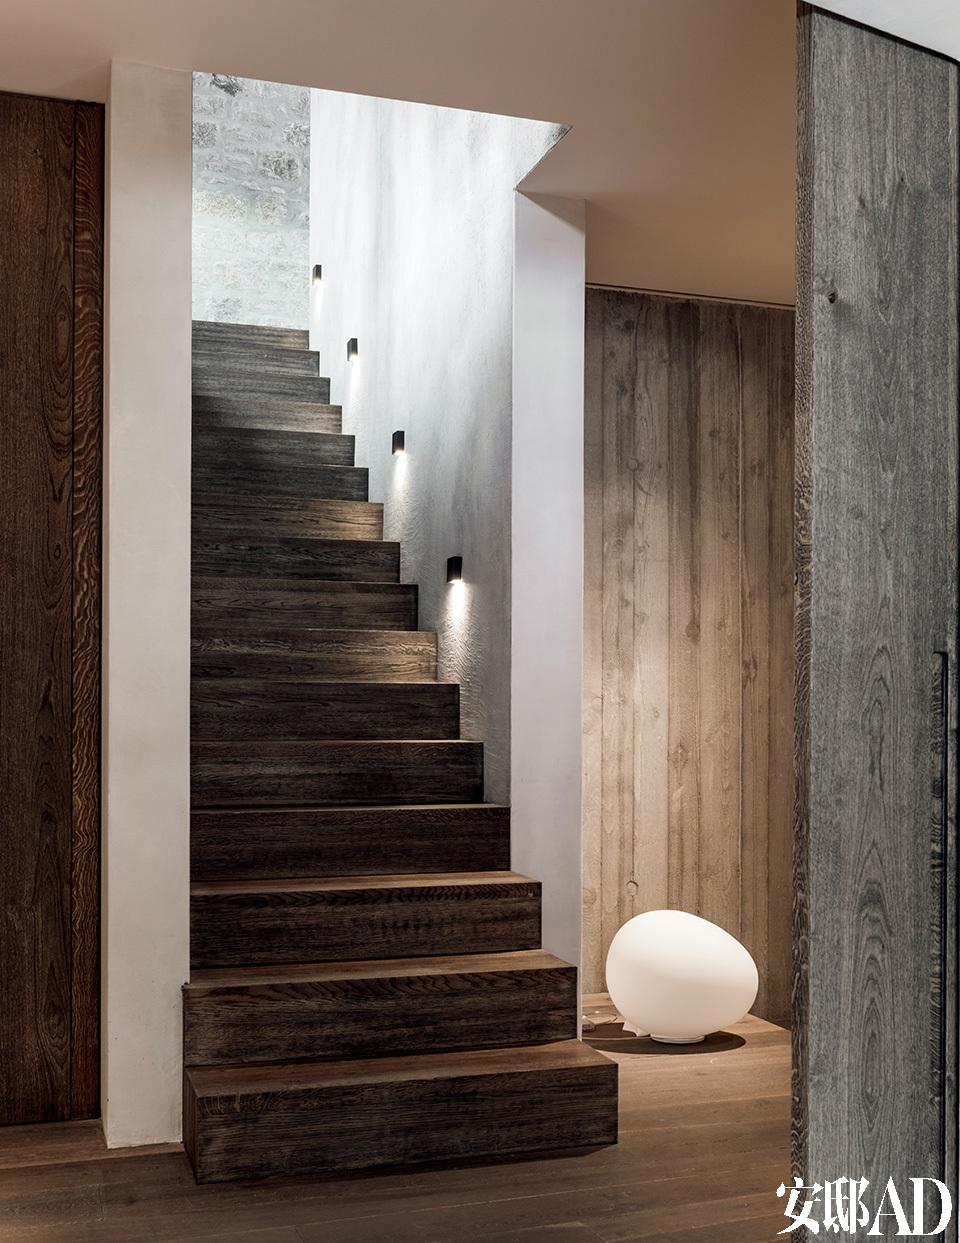 楼梯带我们通往位于地下室的客人间和工作室。